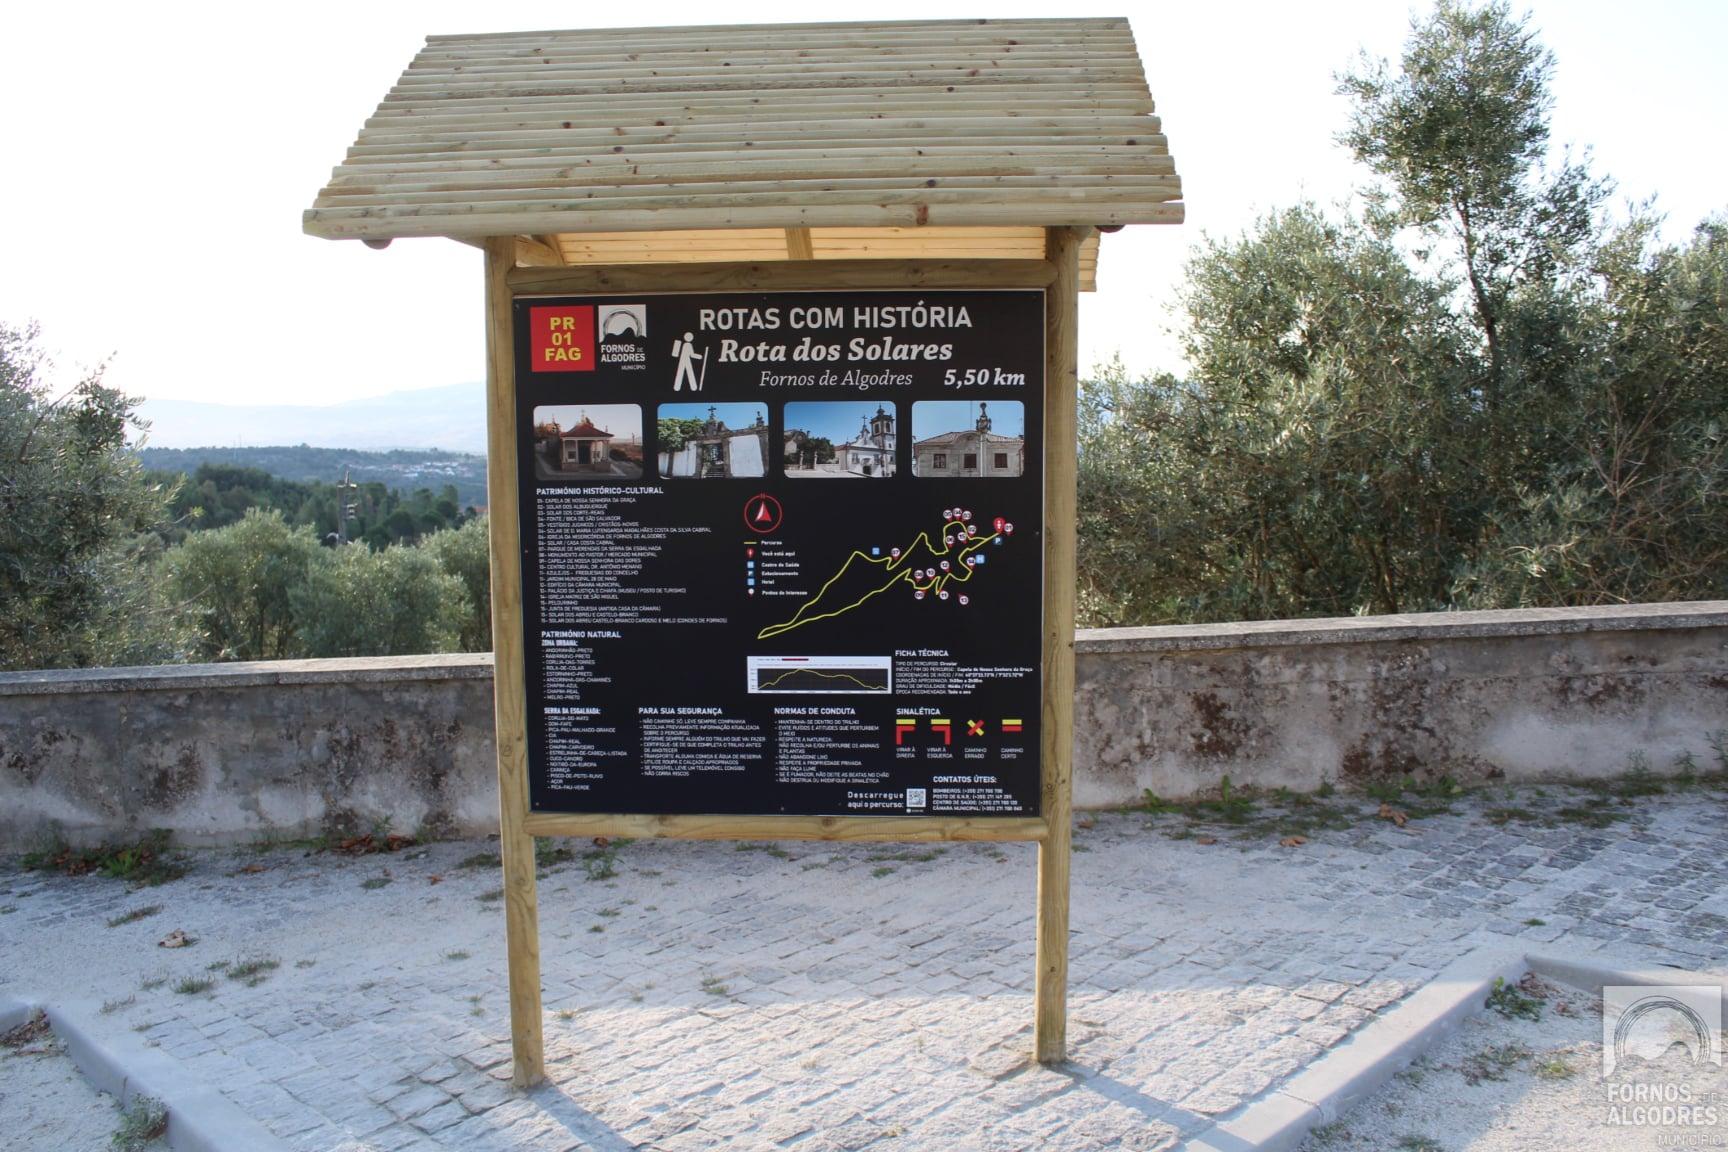 Inaugurado percurso pedestre em Fornos de Algodres